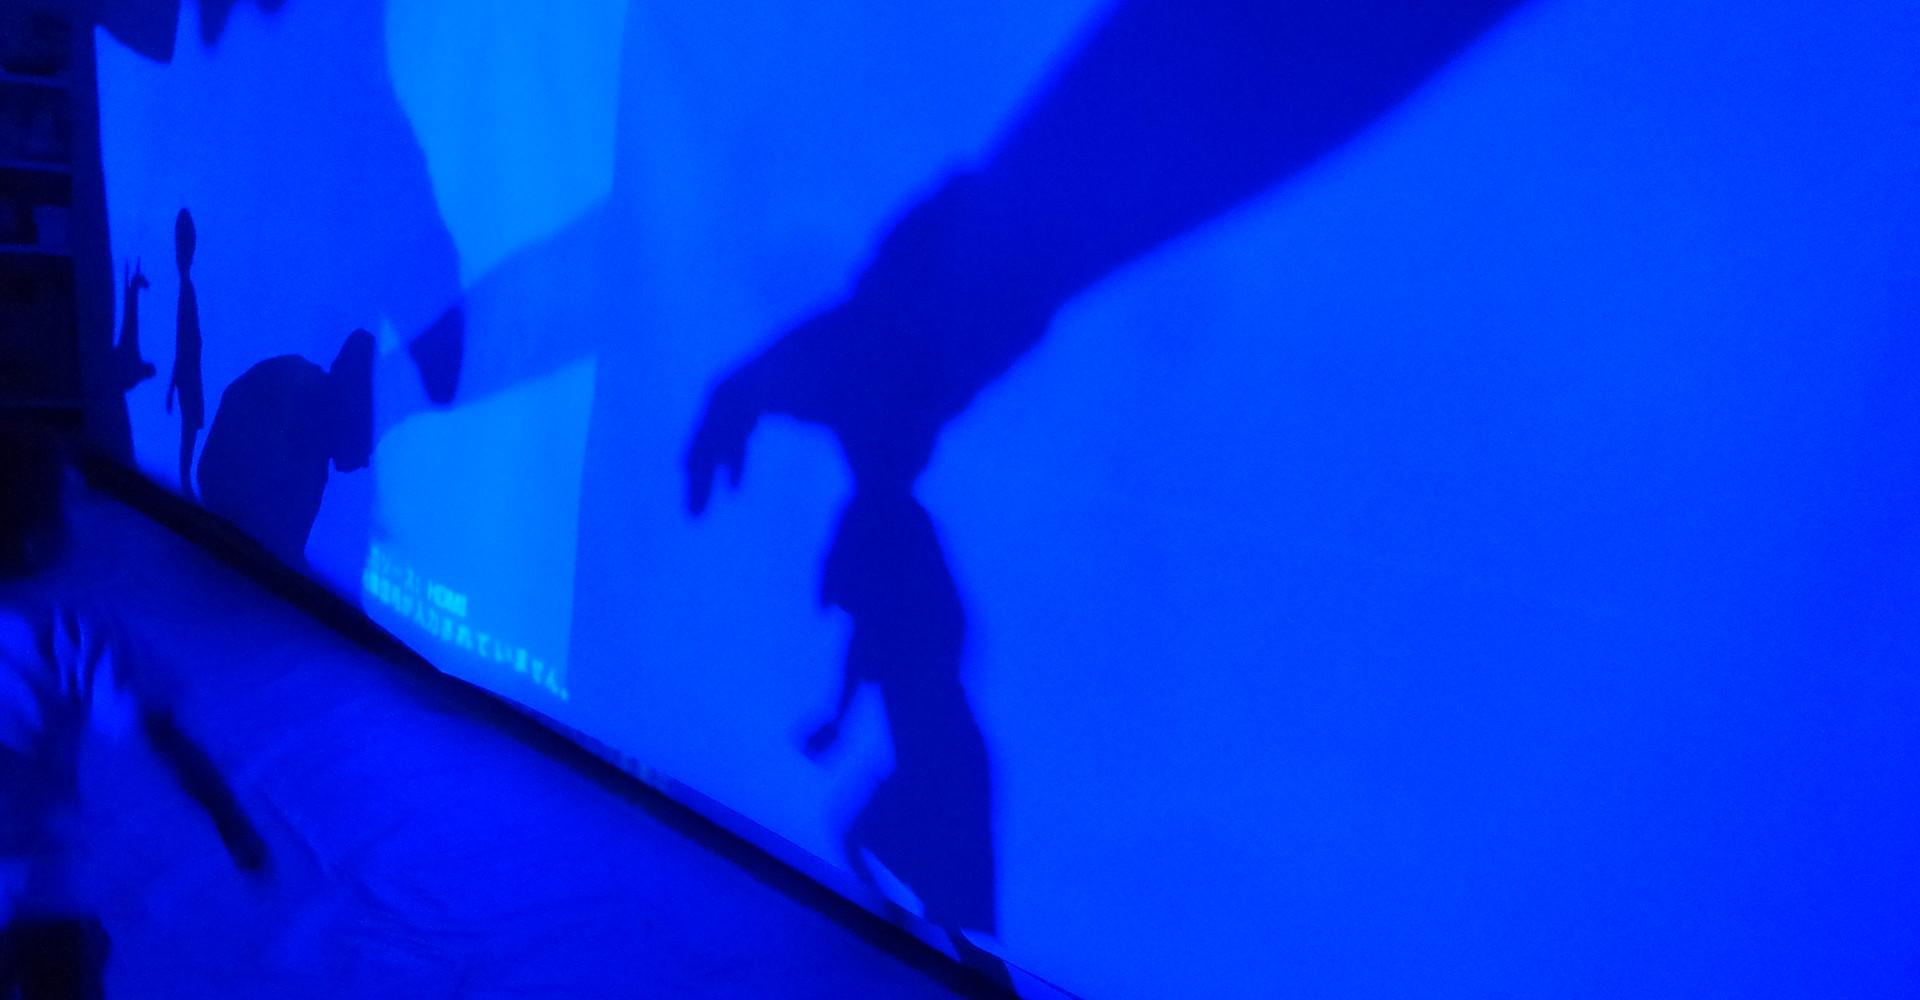 もう一人の自分、私の影は何色?